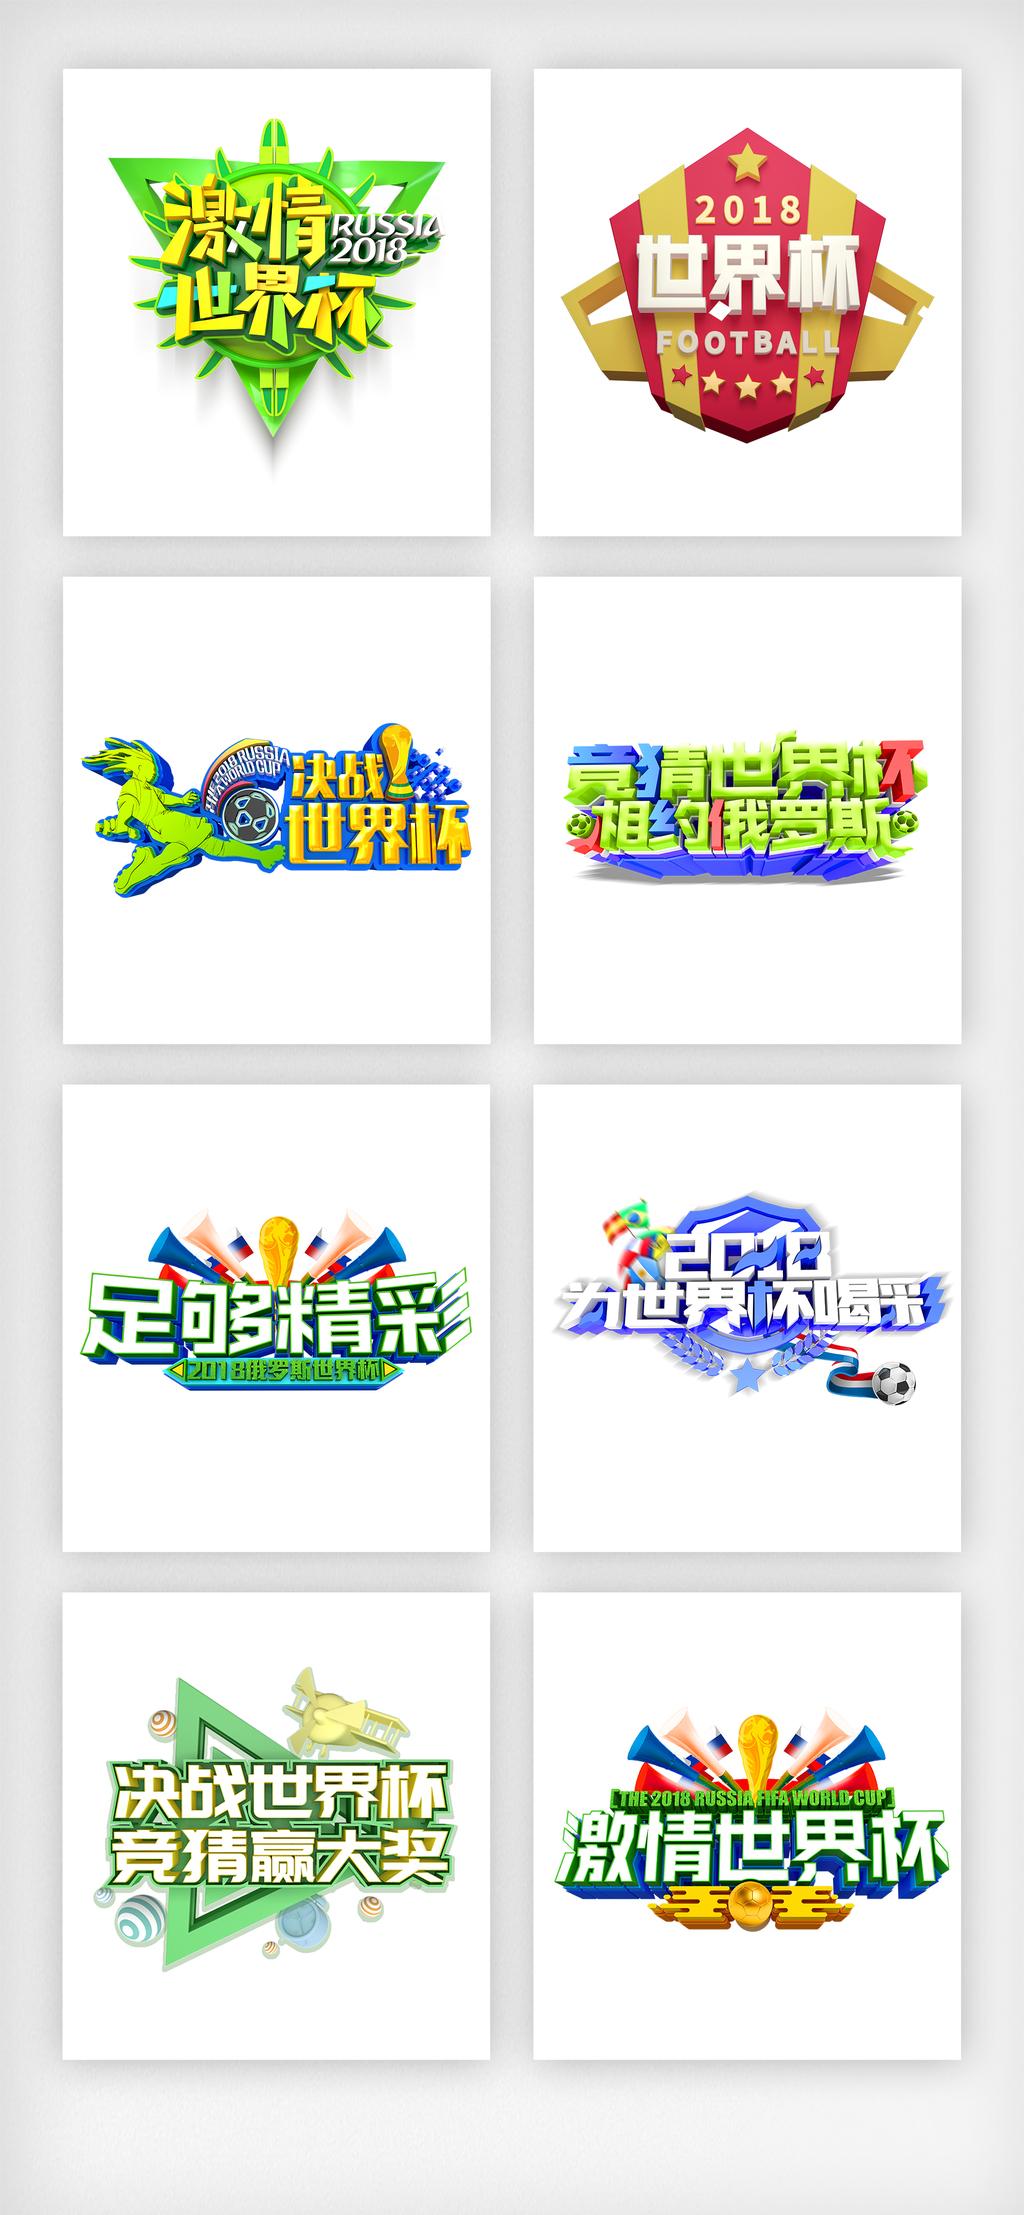 设计元素 字体效果 中文字体 > 2018世界杯足球创意艺术字素材   图片图片